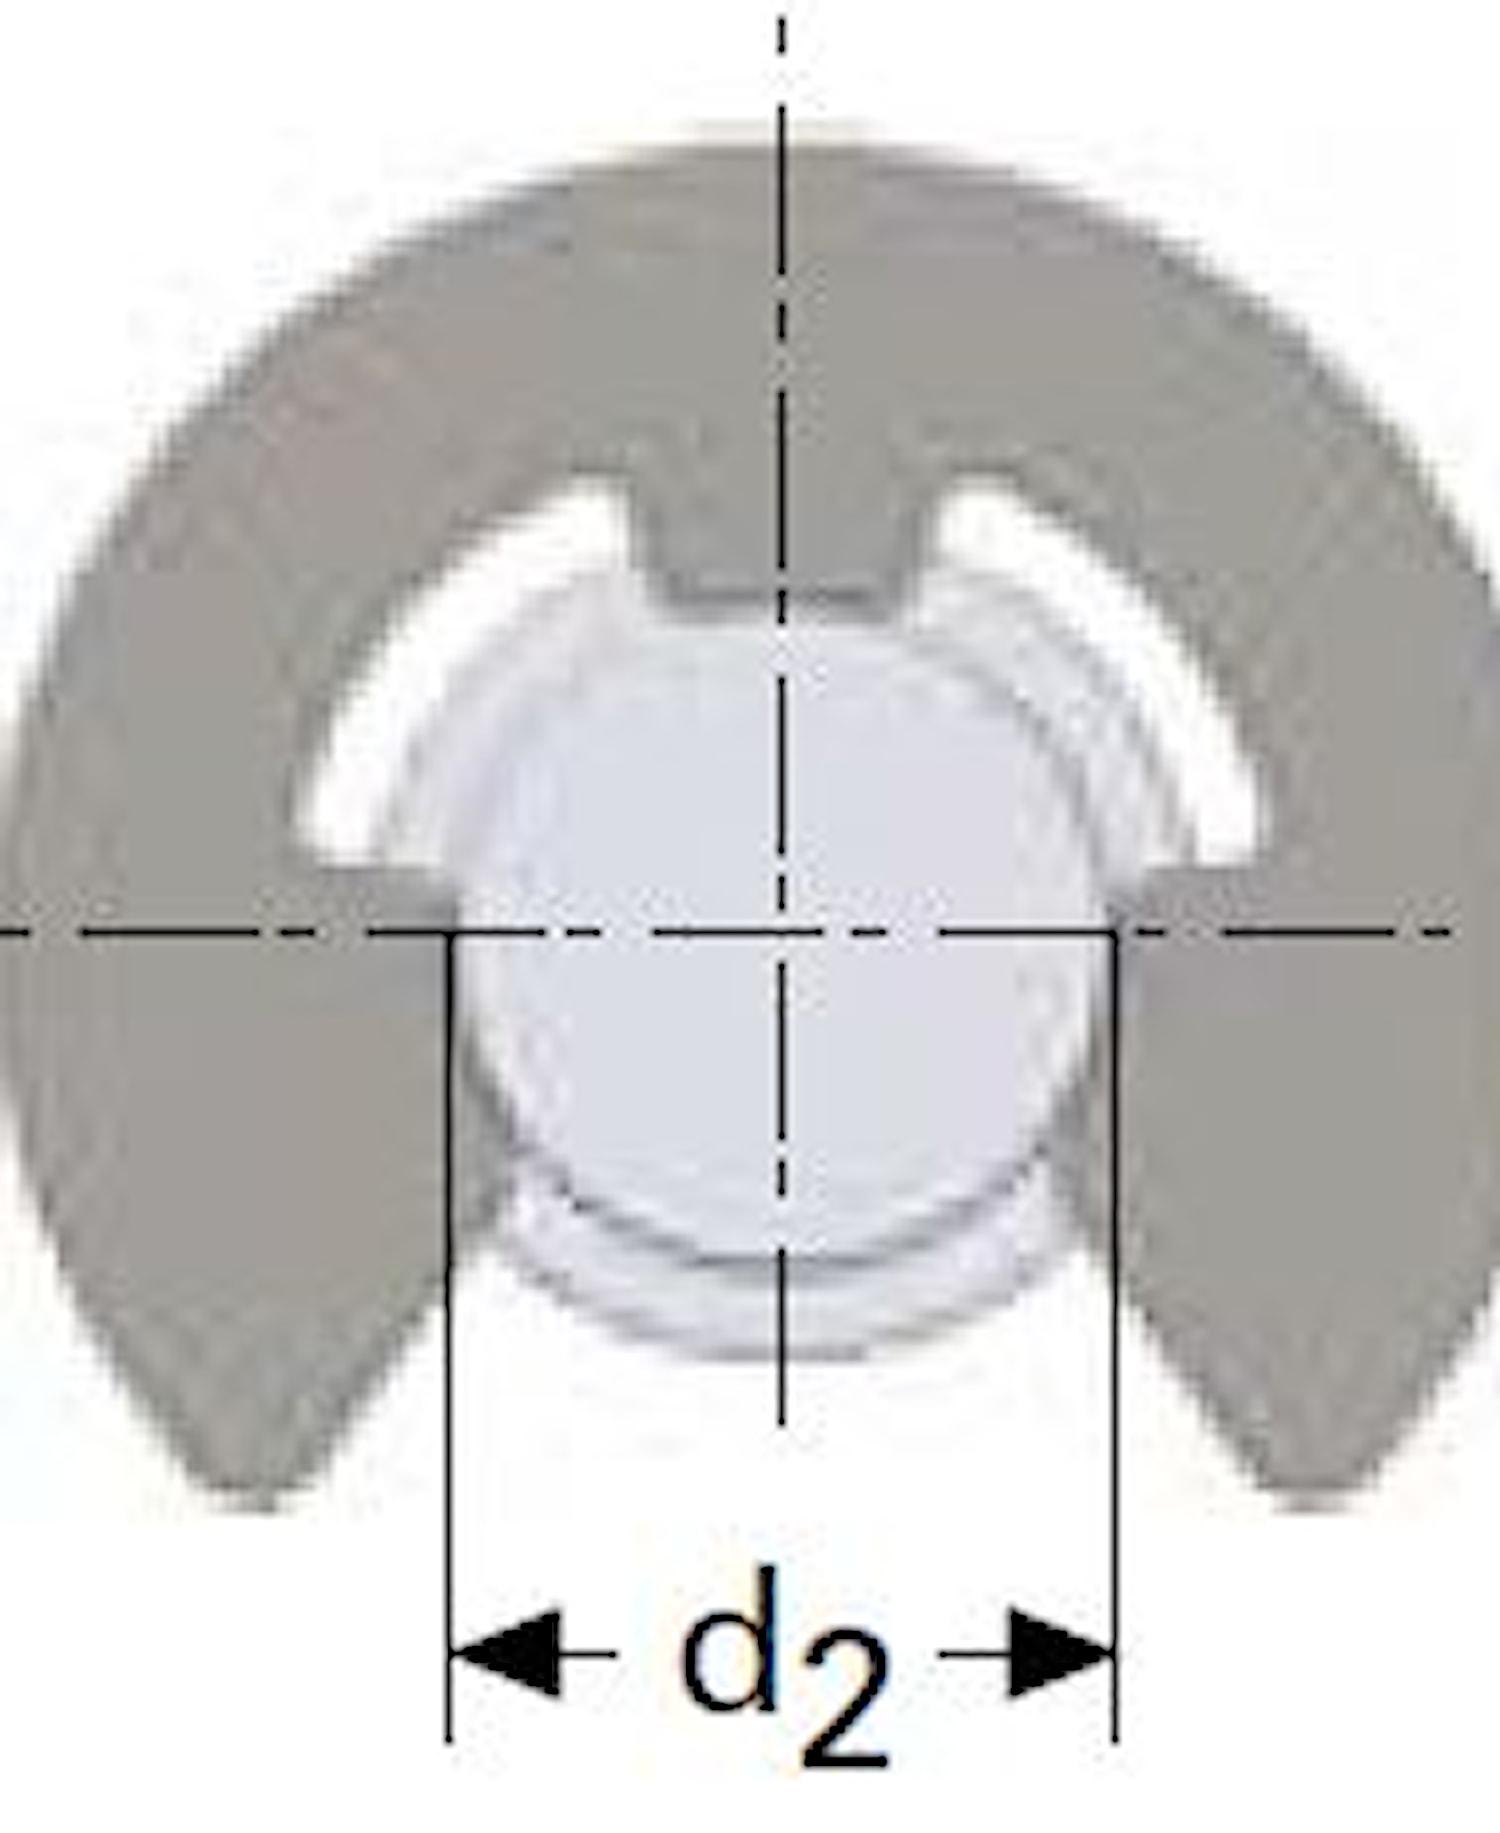 Spårryttare 6 mm